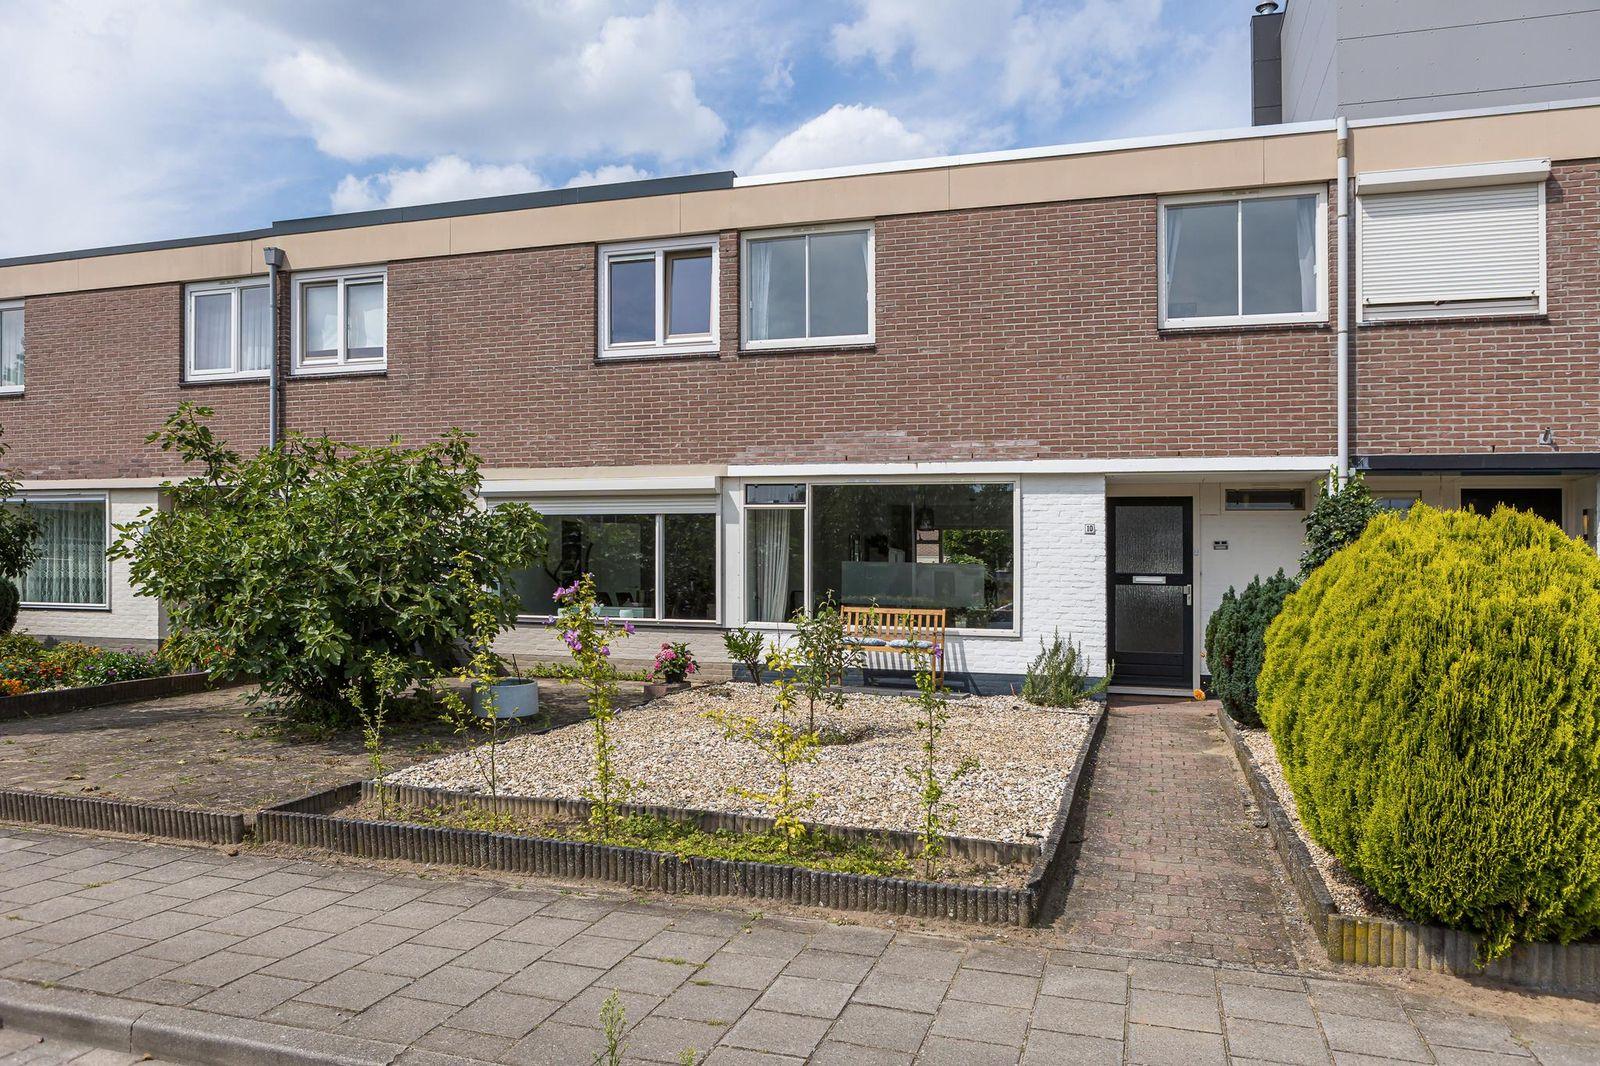 Hoeckelumstraat 10, Nijmegen